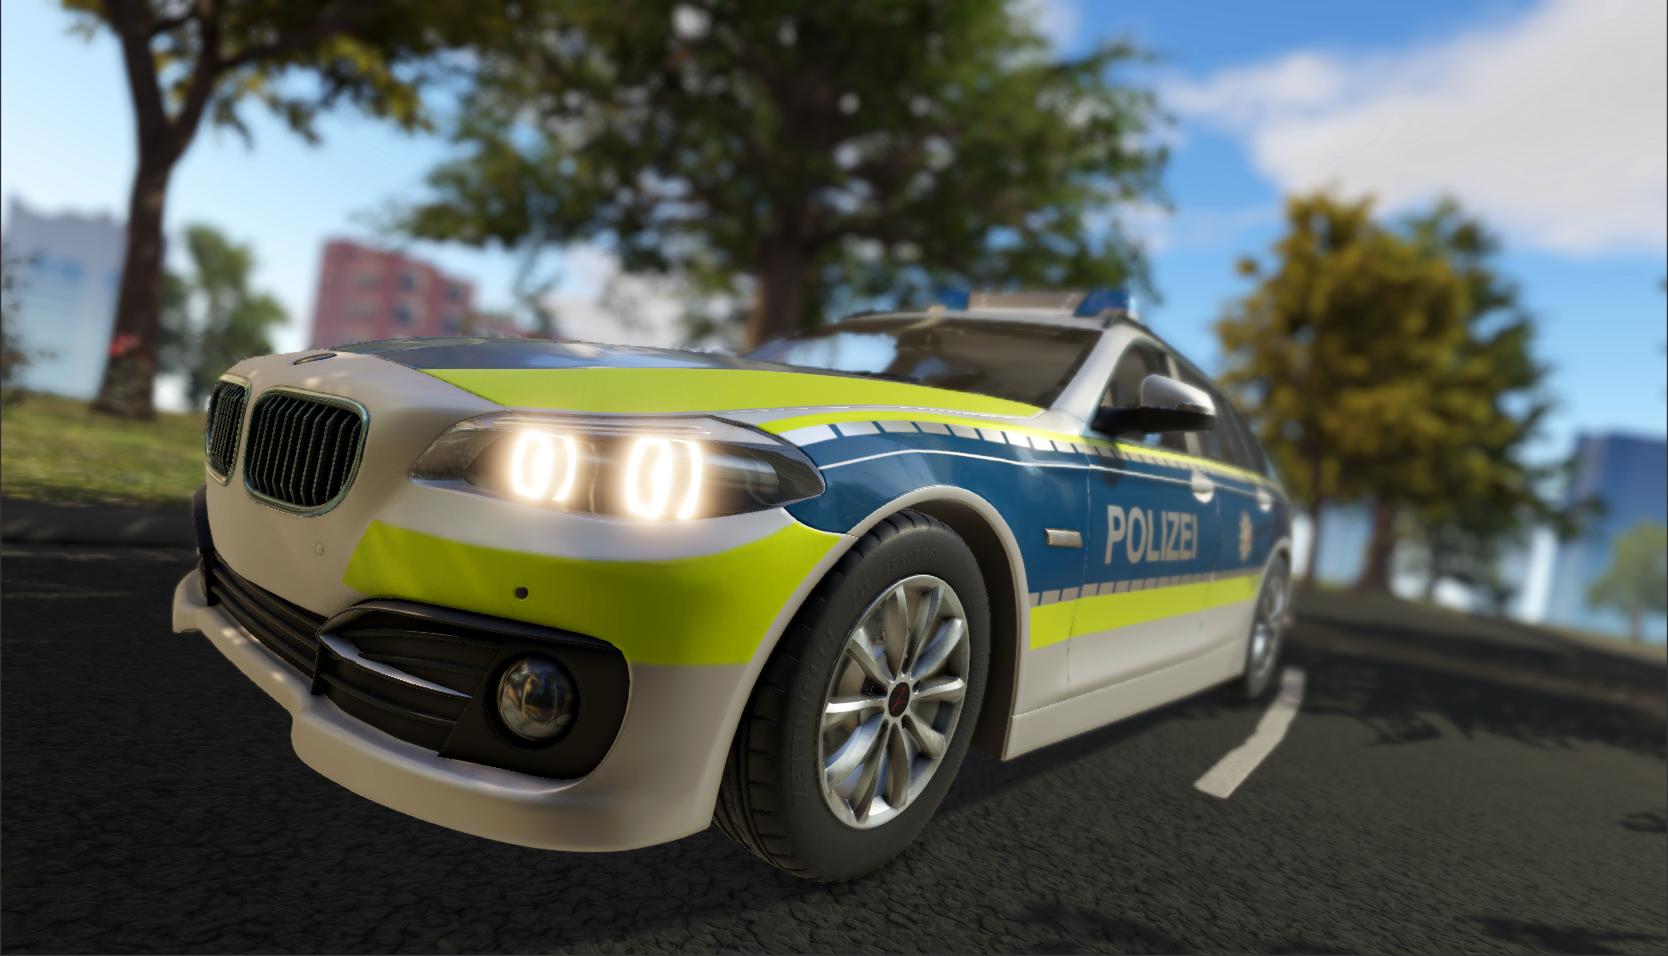 autobahn-police-simulator-road-creation-tool